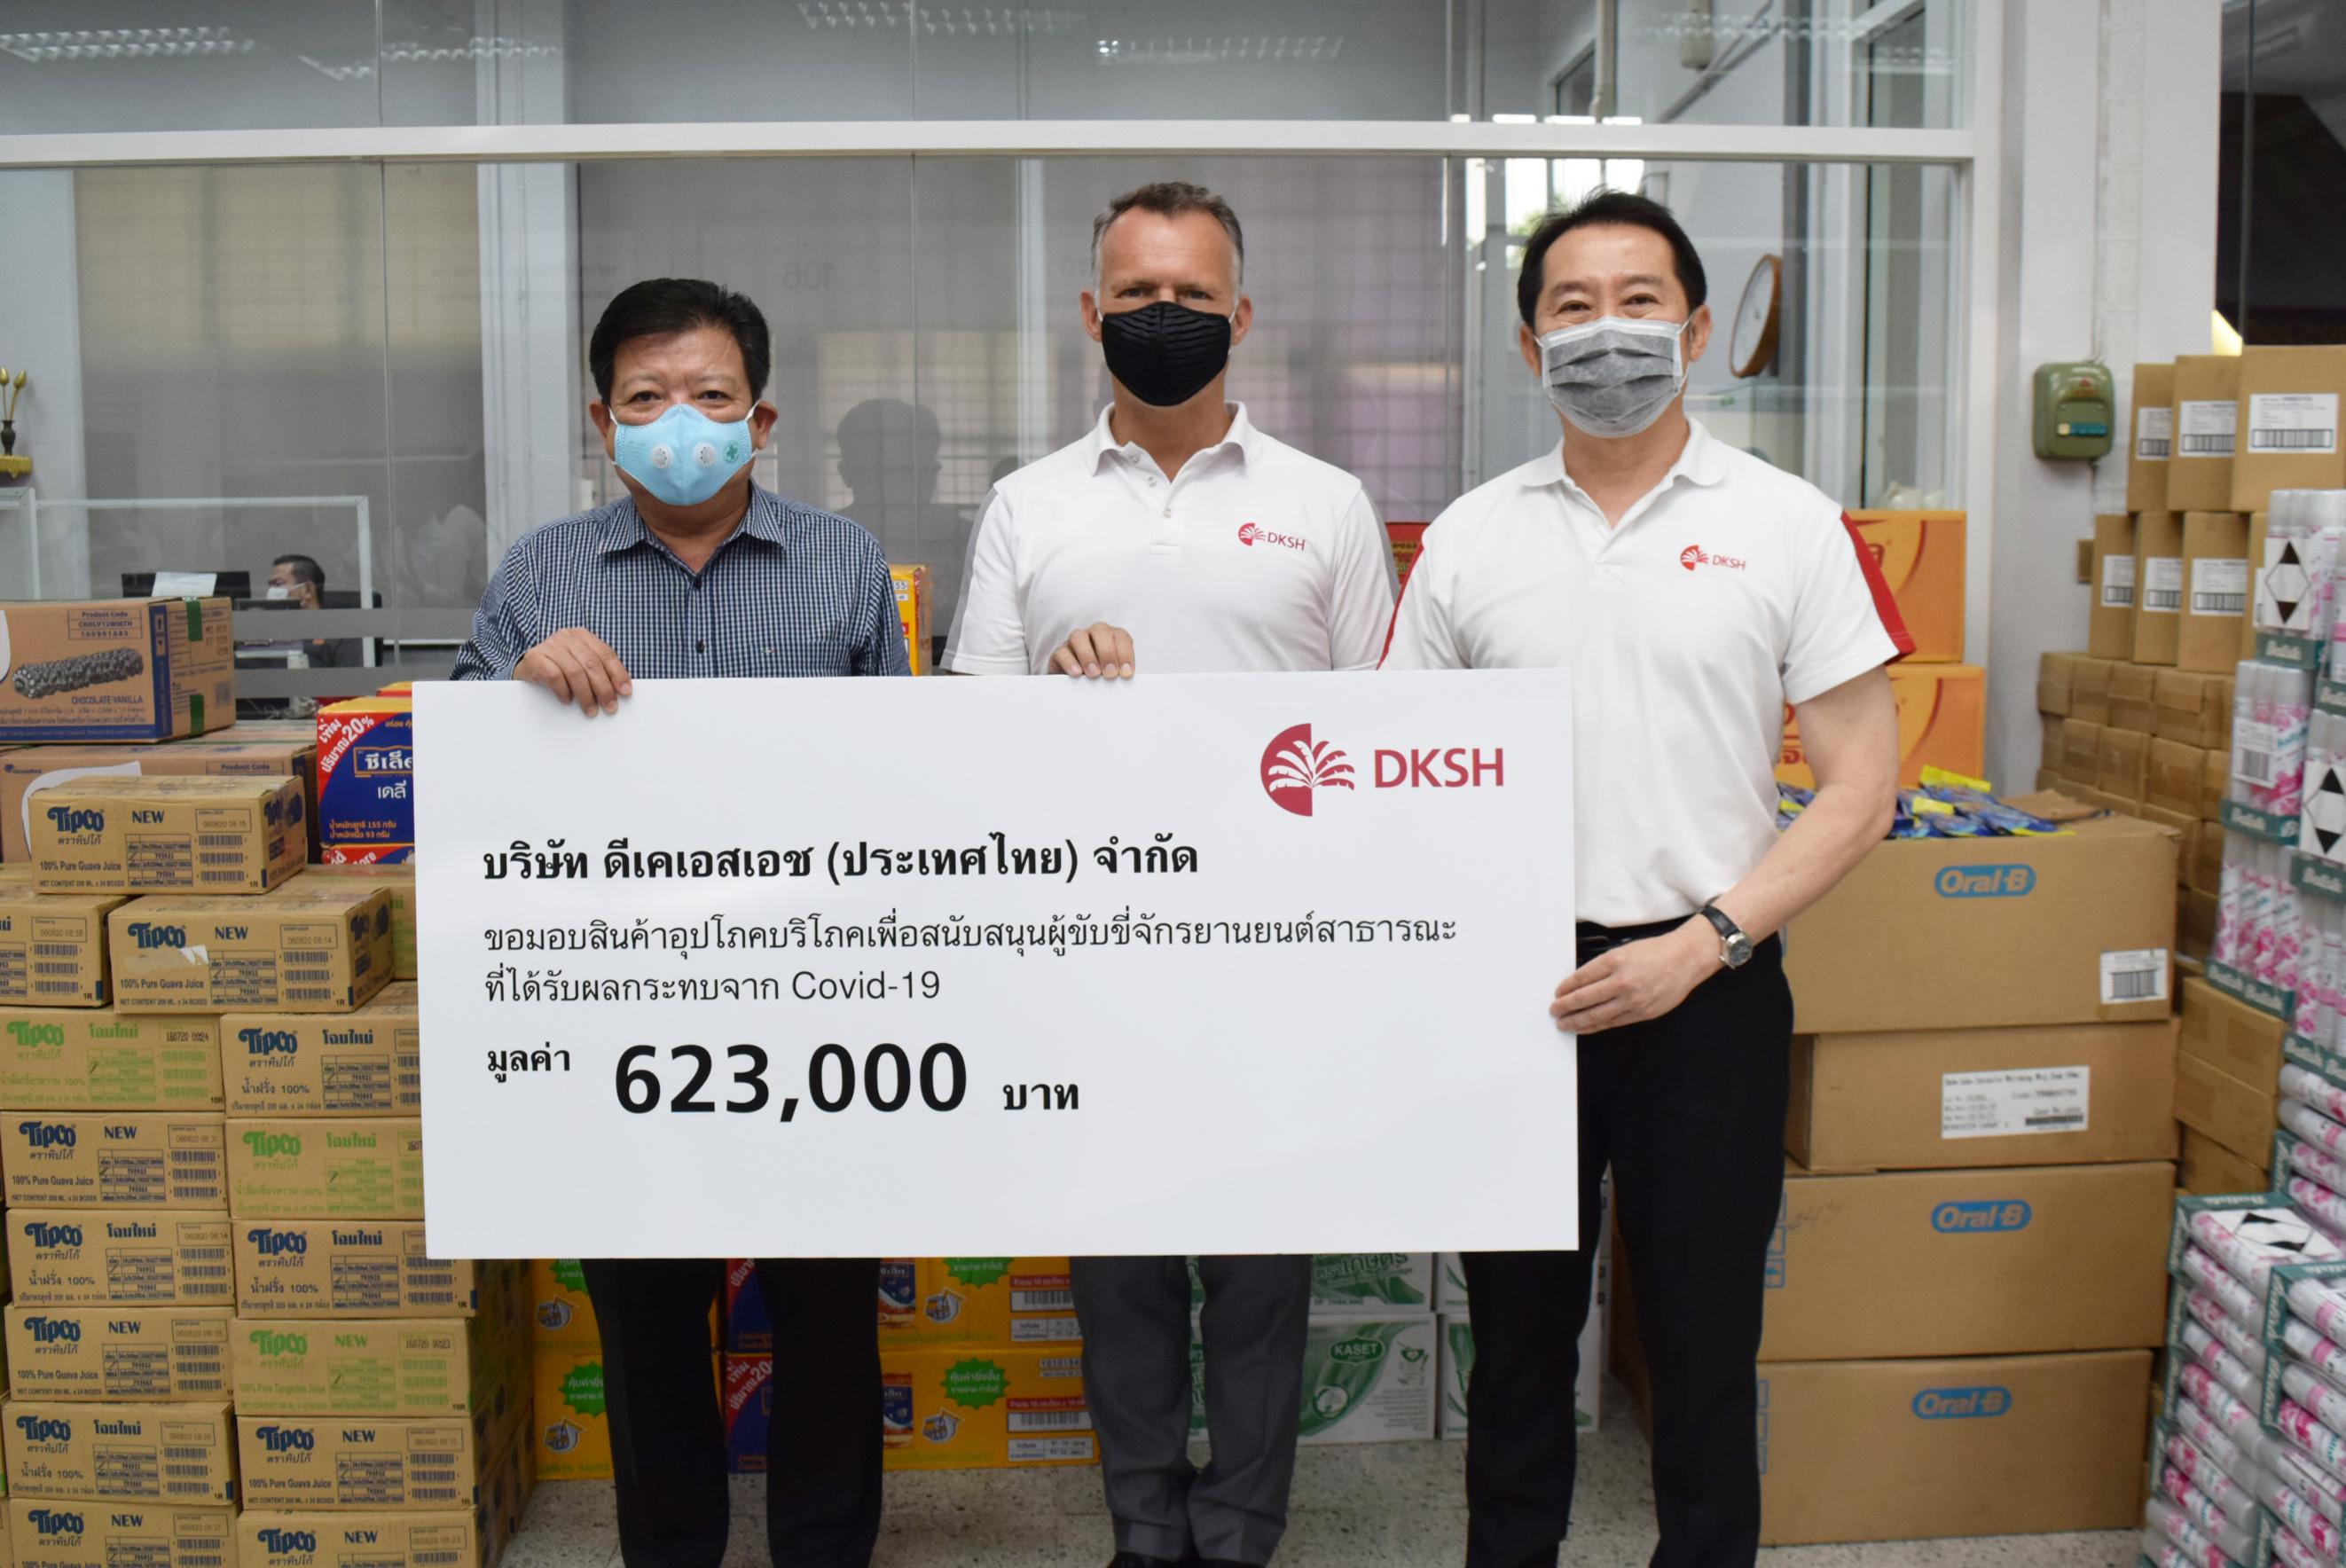 ดีเคเอสเอช ประเทศไทย บริจาคสินค้าอุปโภคบริโภคเพื่อช่วยเหลือผู้ขับขี่จักรยานยนต์สาธารณะ